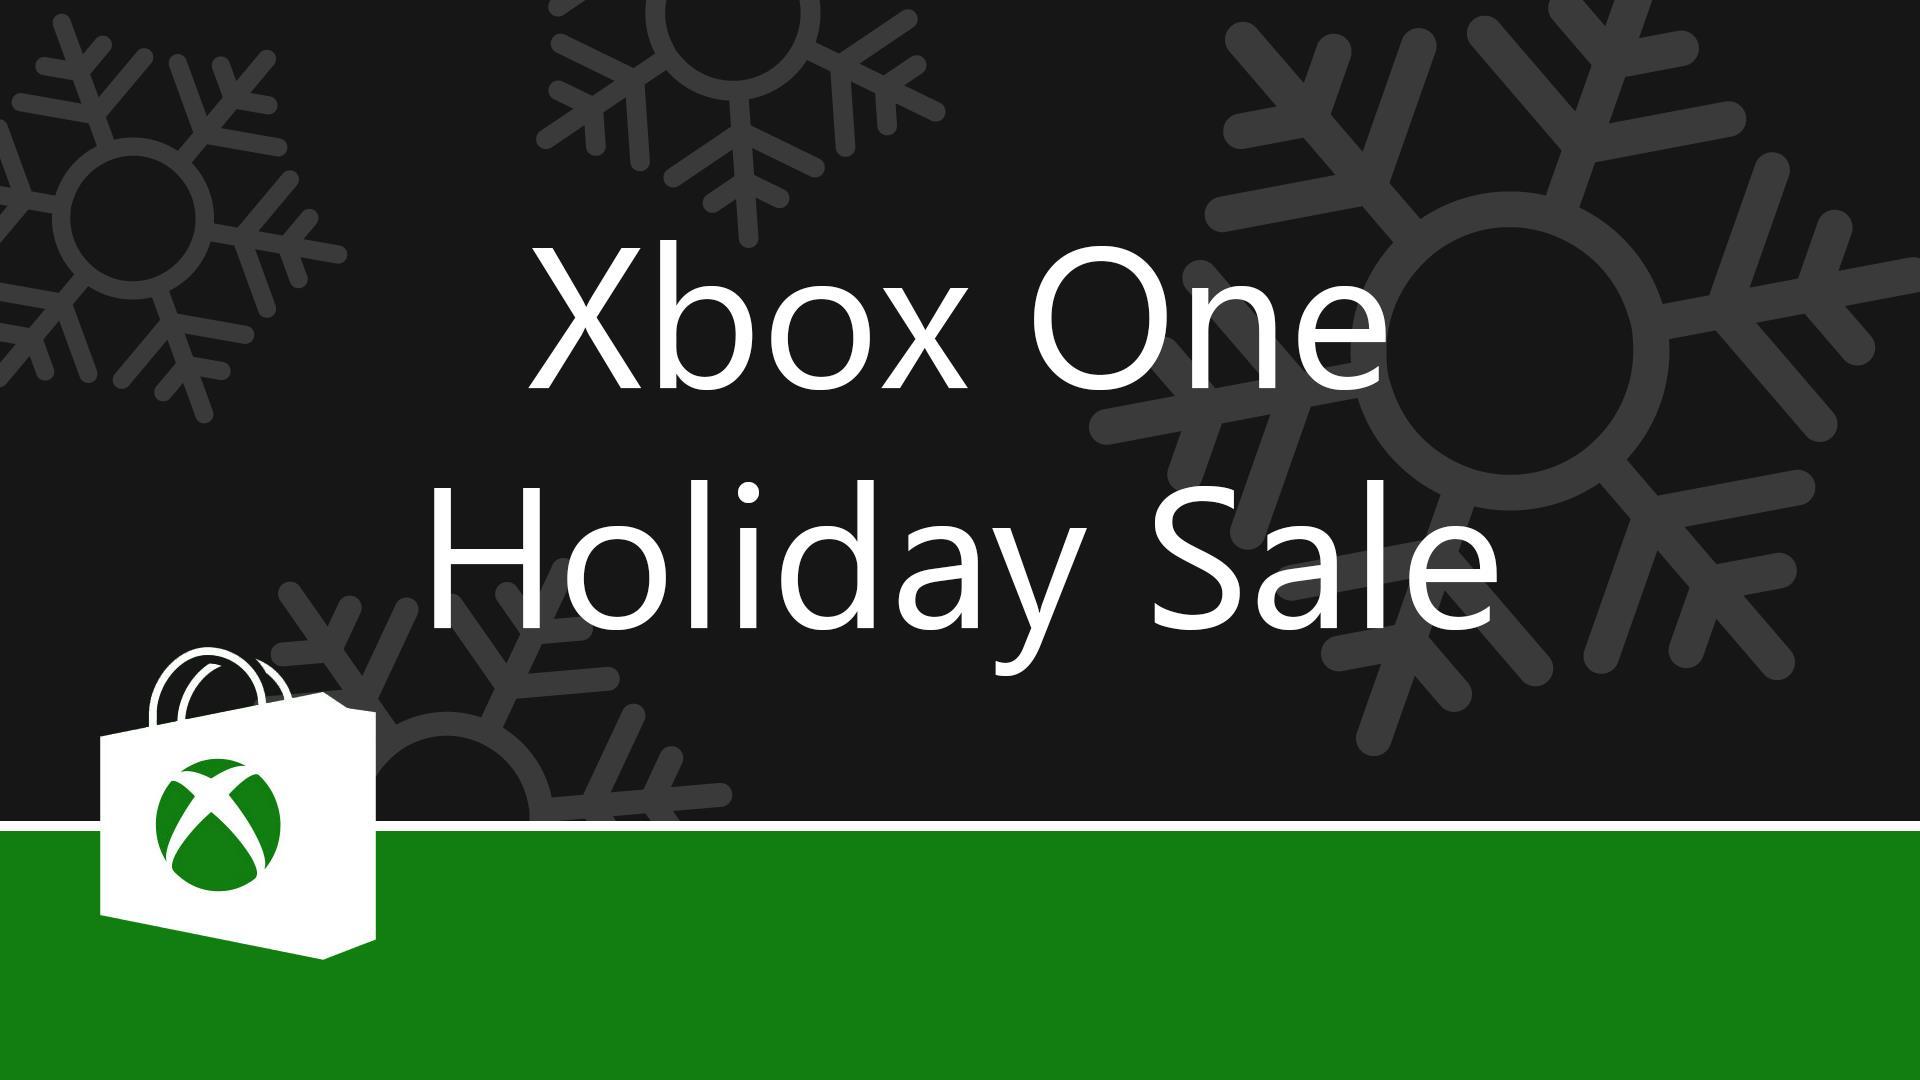 XboxHoliday